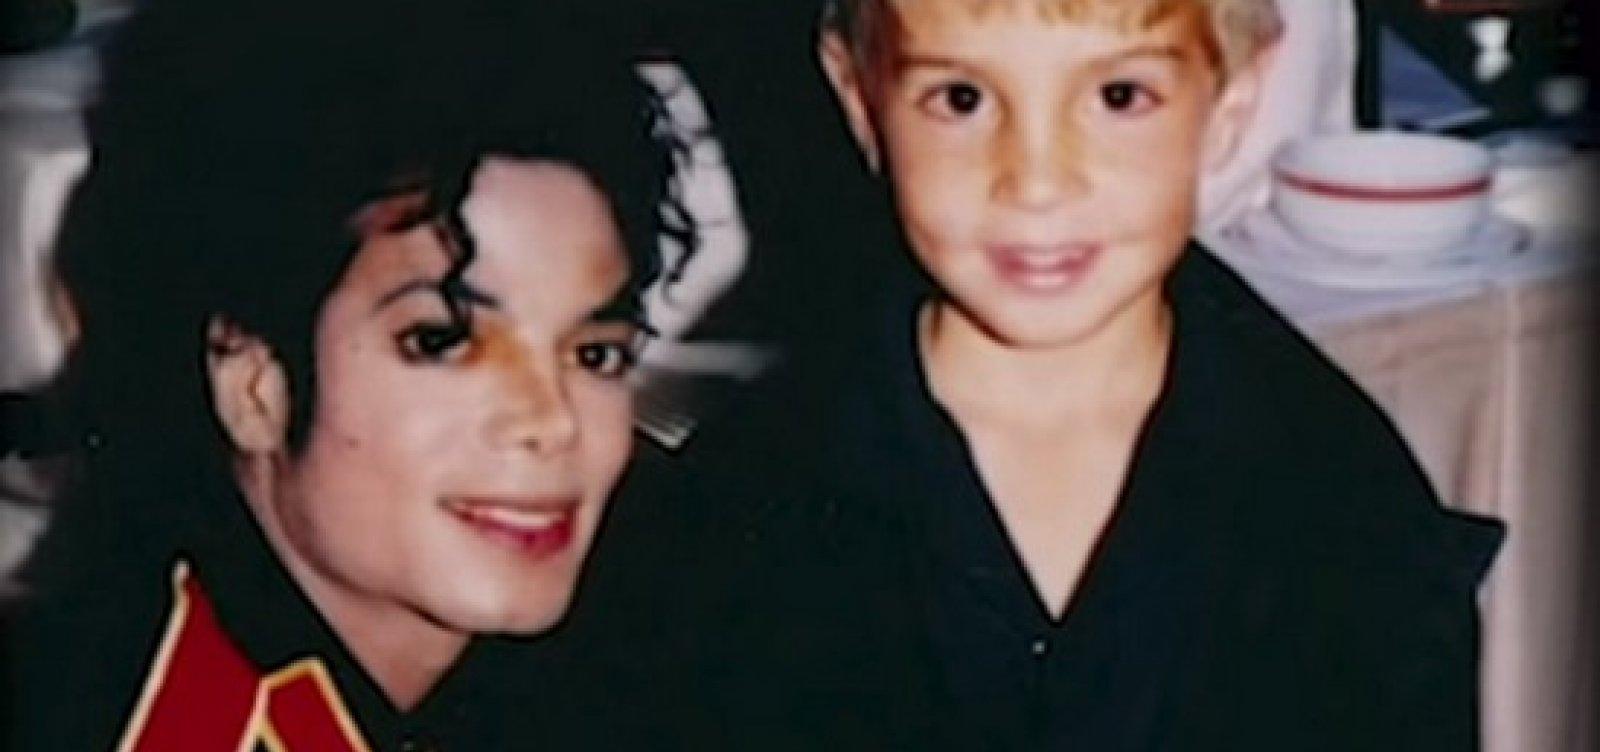 Família de Michael Jackson cria próprio documentário para rebater acusações de pedofilia